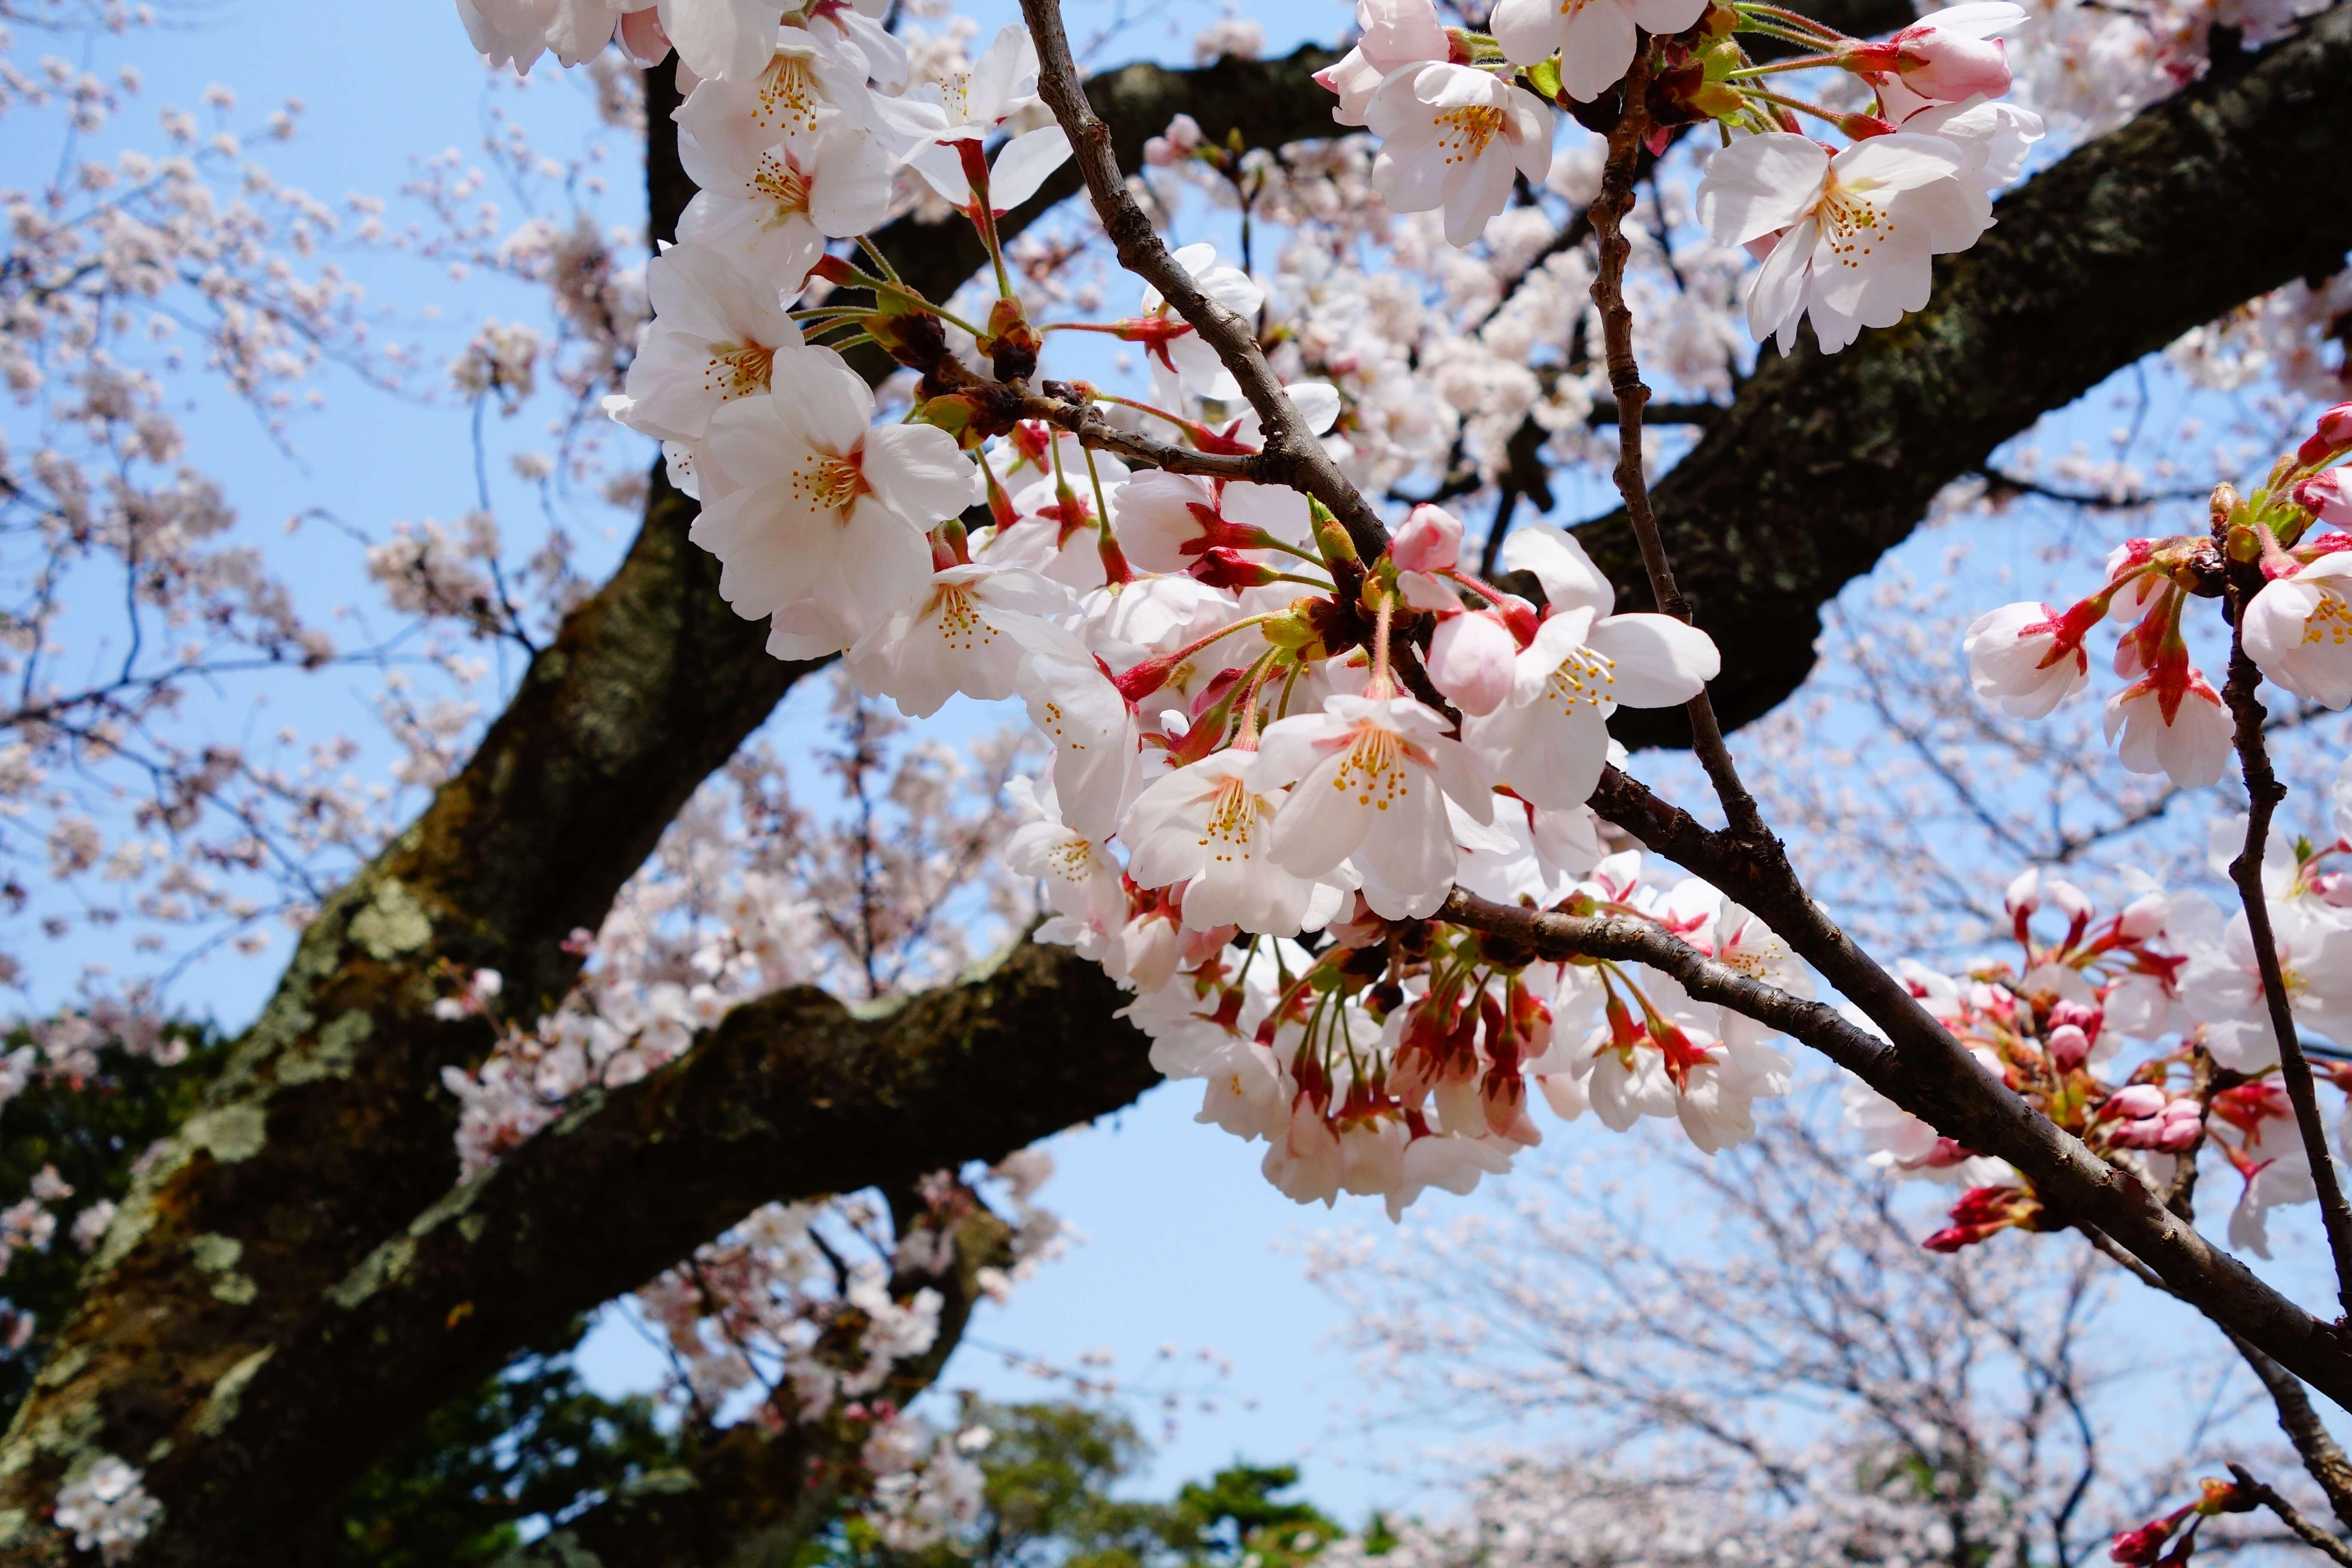 芦城公園|小松市にある石川県有数の桜の名所で歴史を感じる